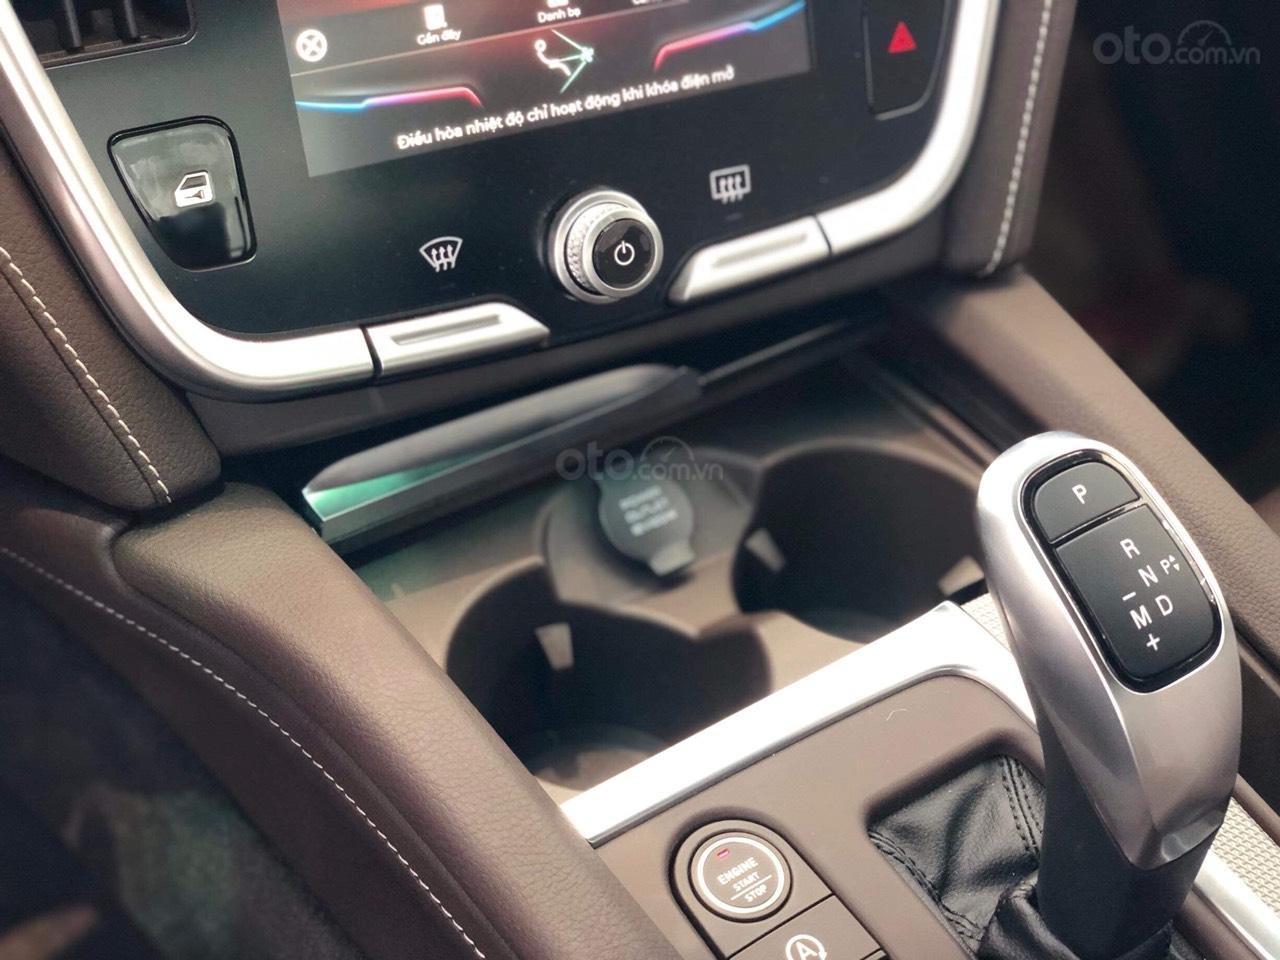 Bán xe VinFast LUX A2.0 full-Da Nappa Nâu 2019, màu bạc 0911234775 em Long (10)